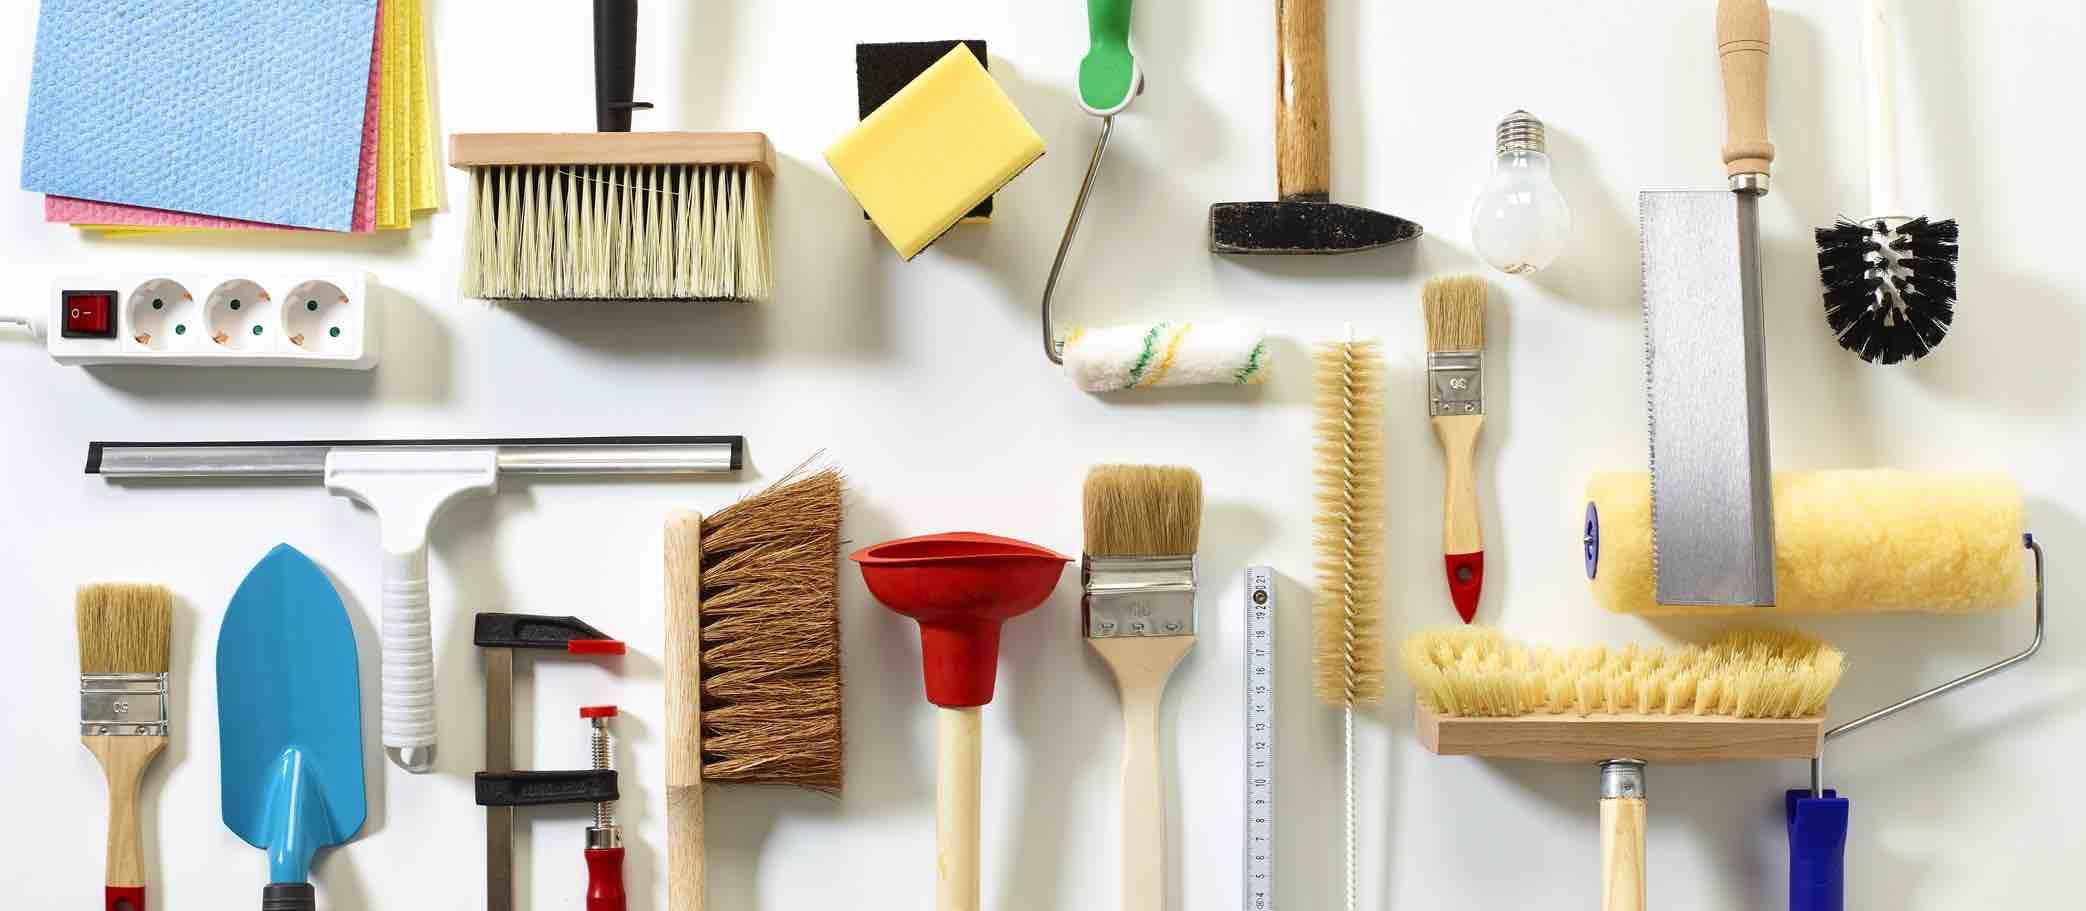 die hausverwaltung reiner bietet auch hausmeisterdienstleistungen. Black Bedroom Furniture Sets. Home Design Ideas